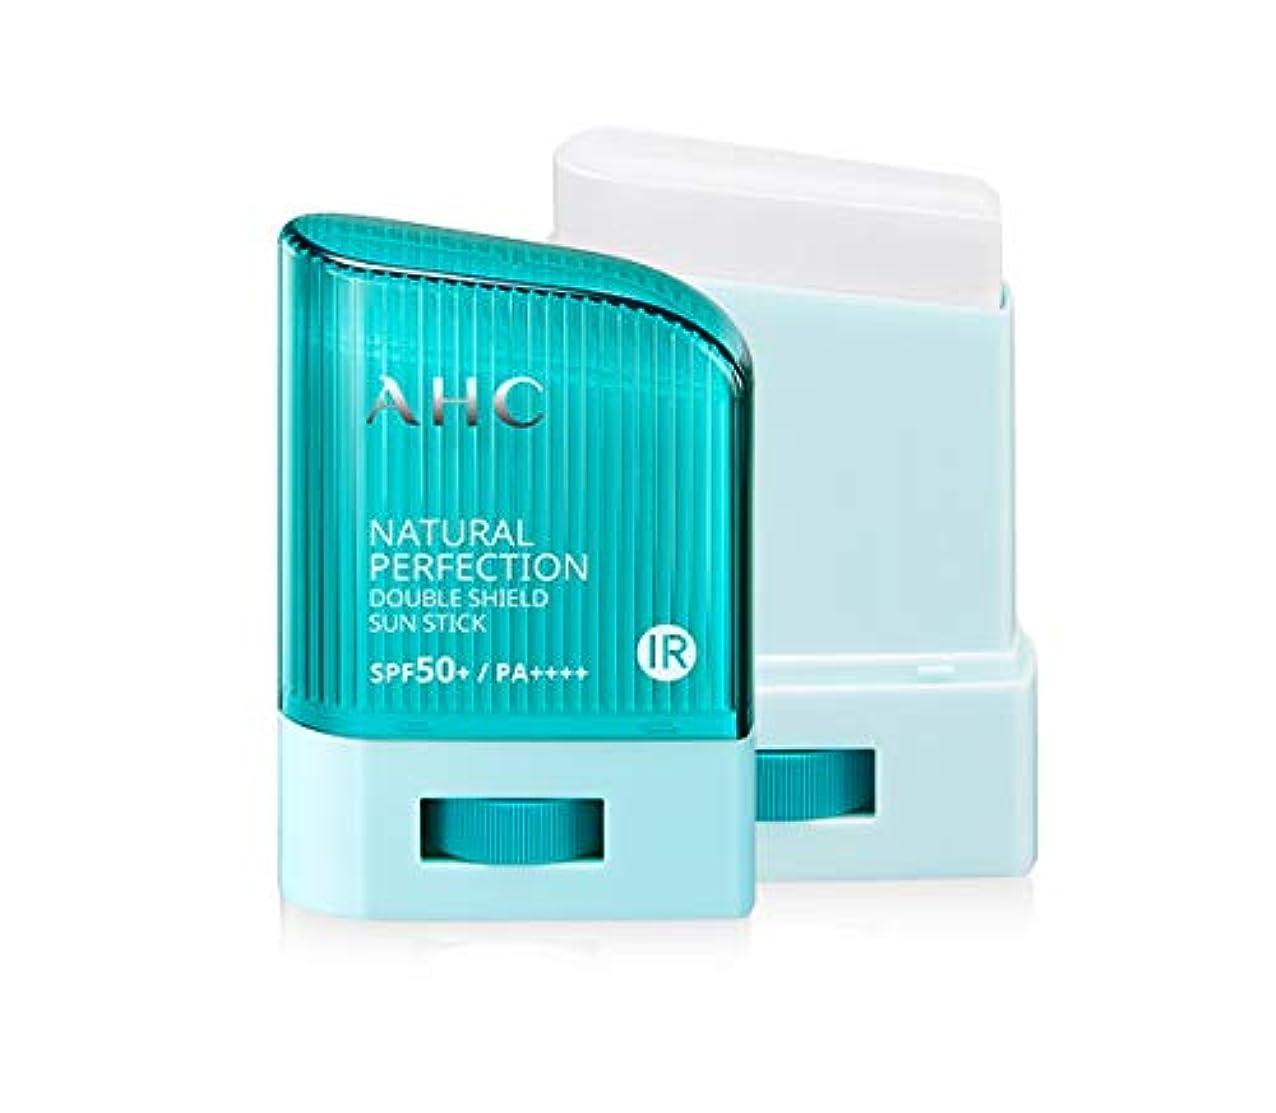 囚人罪白鳥AHC ナチュラルパーフェクションダブルシールドサンスティック ブルー Natural Perfection Double Shield Sun Stick BLUE [並行輸入品] (14g)